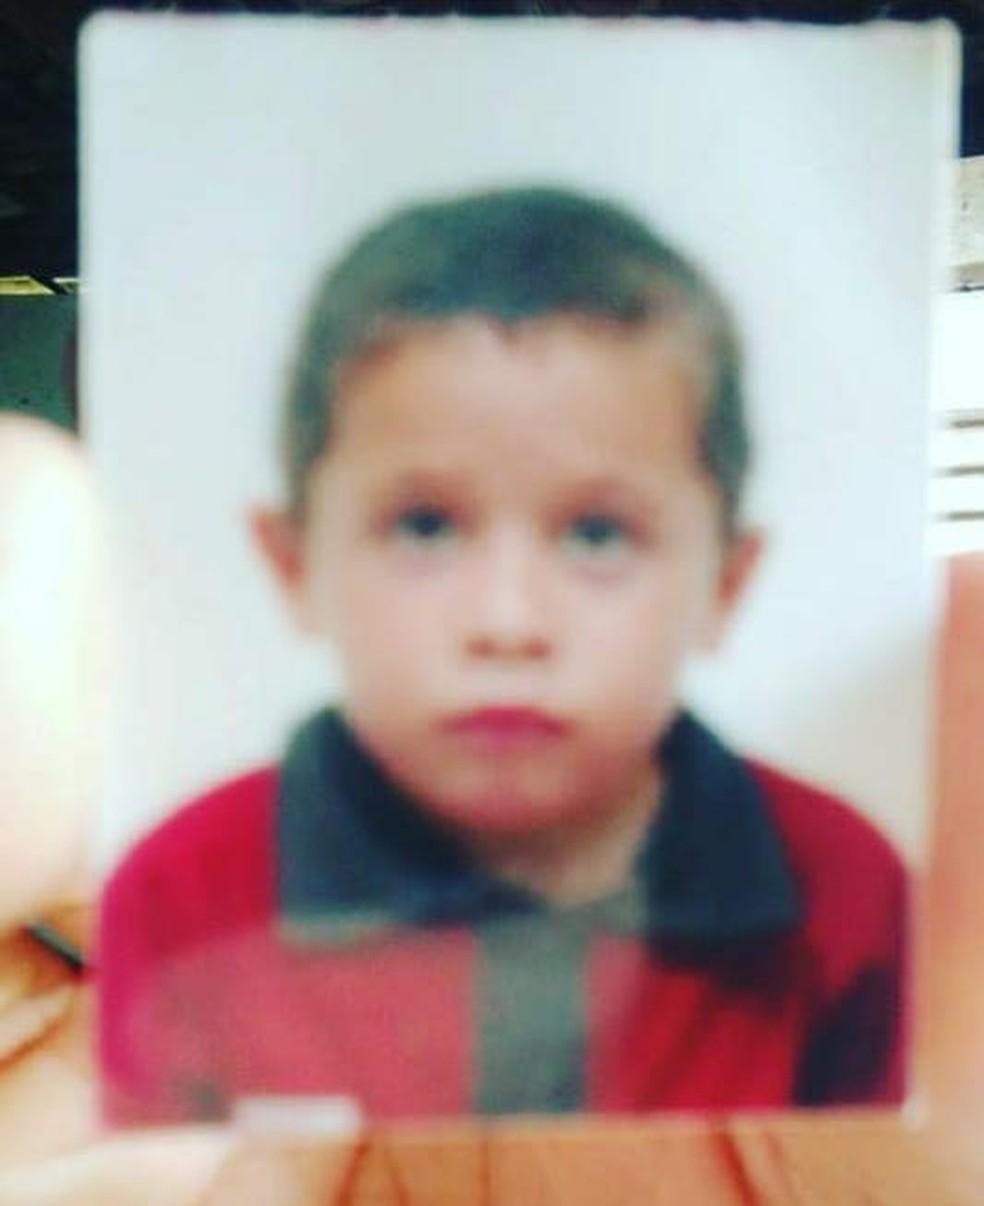 Criança de 8 anos está desaparecida; garoto foi visto pela última vez na zona Norte de Natal — Foto: Cedida